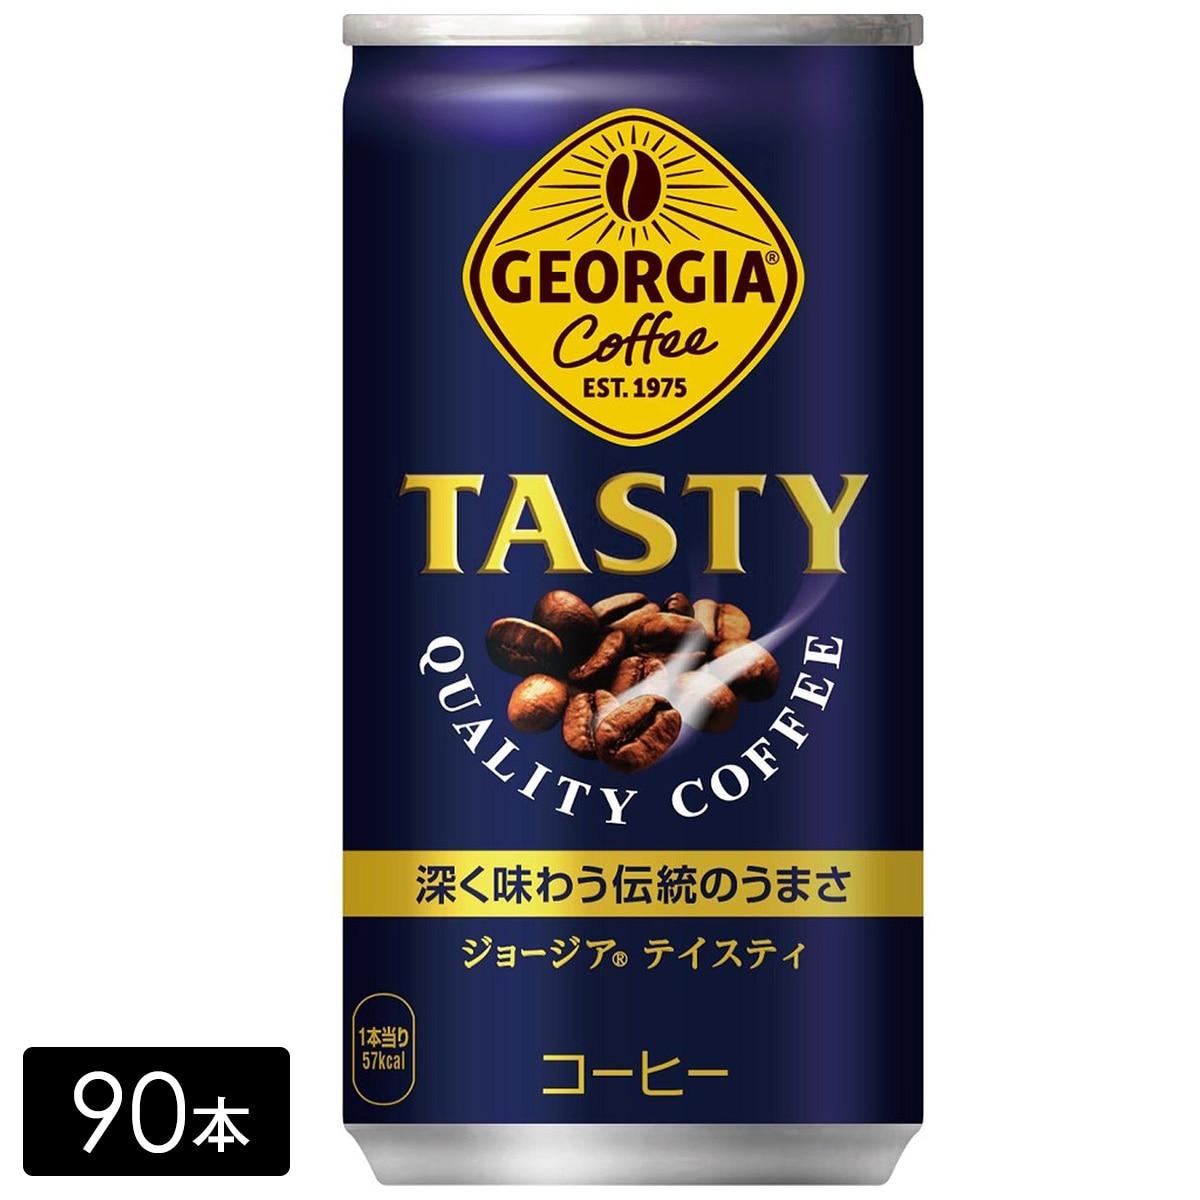 コカ・コーラボトラーズ ジョージアテイスティ 185g×90本 40679